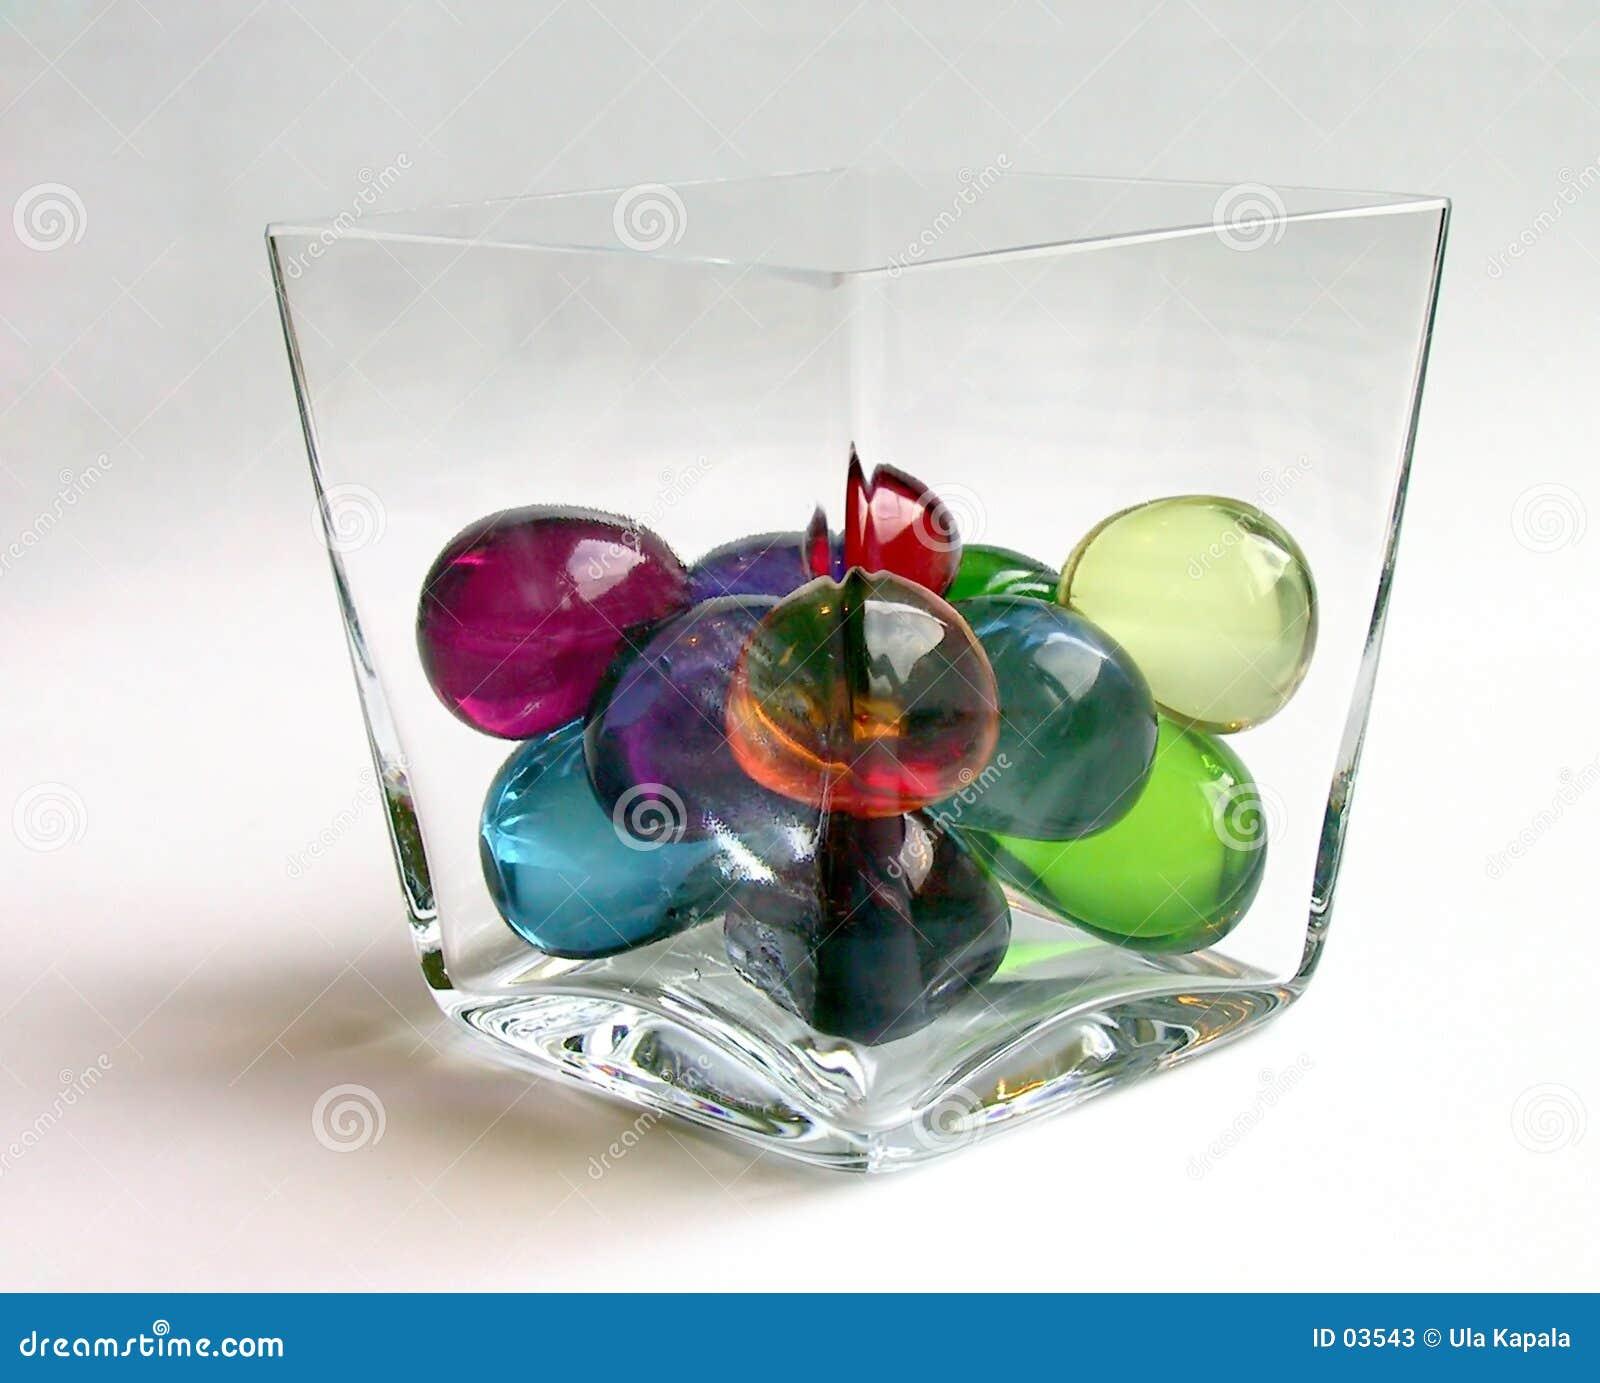 De ballen van het bad in een vervormde container,